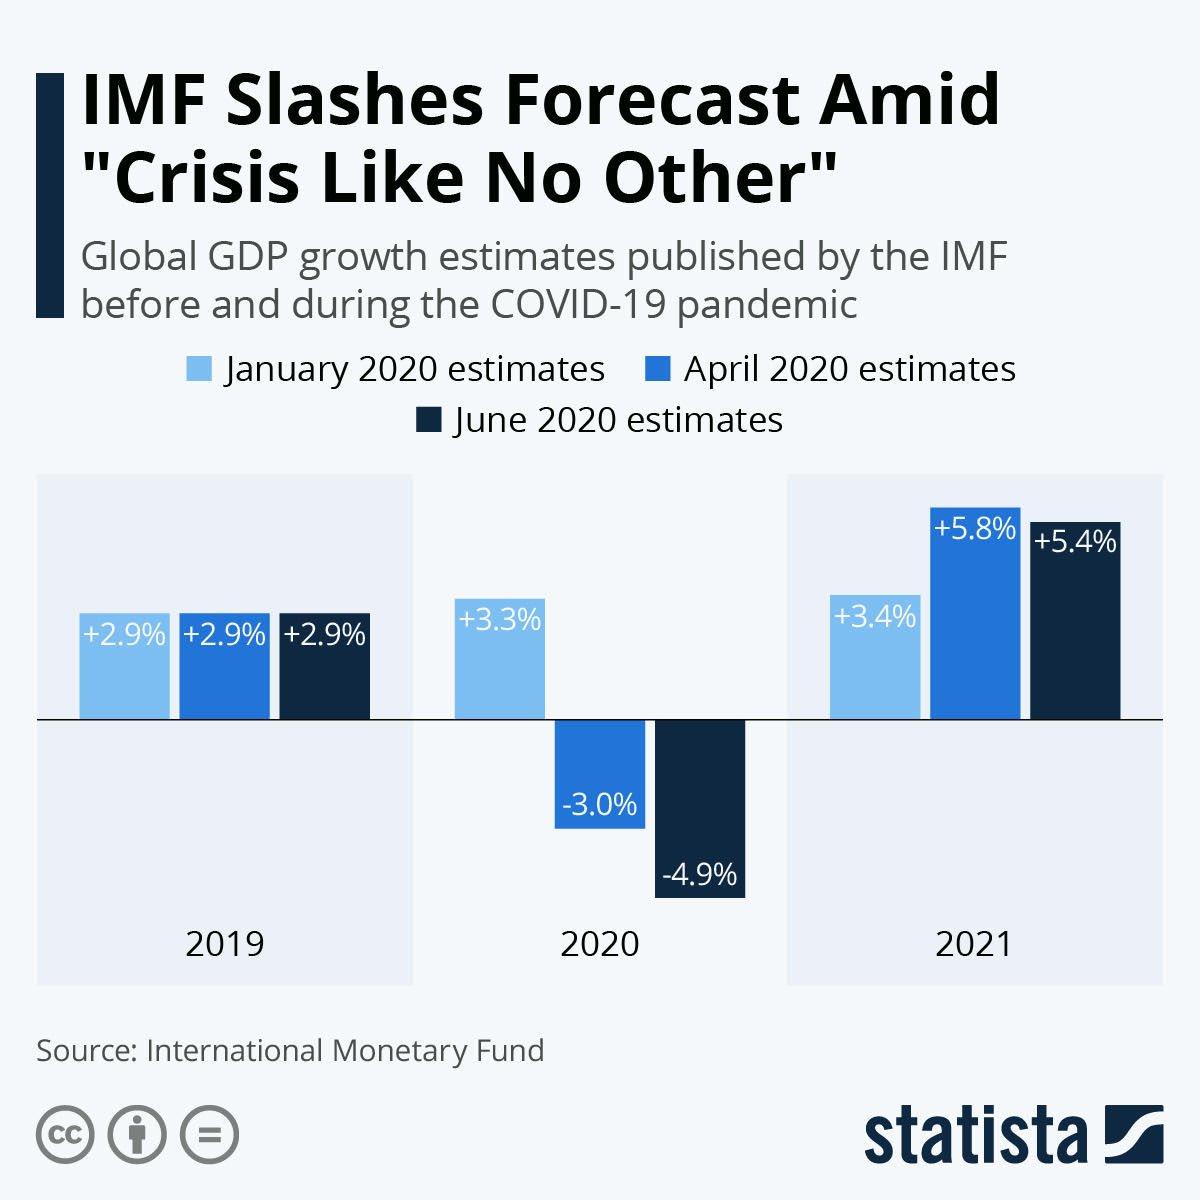 IMF slashes forecast